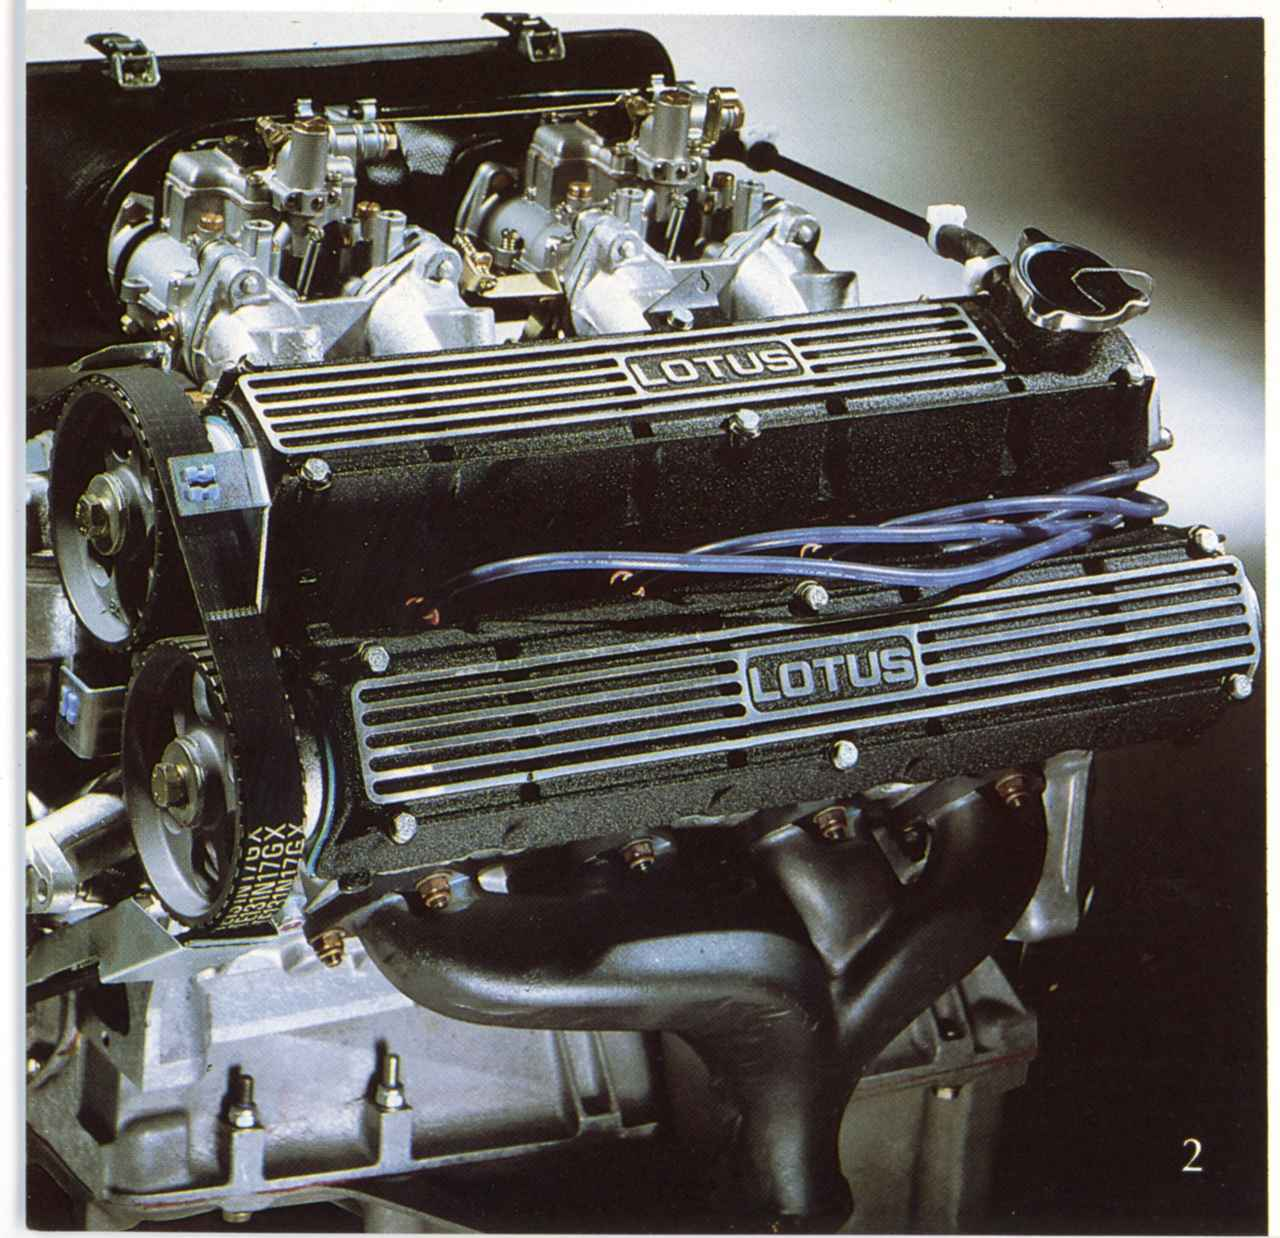 【真夏のスーパーカー特集08】ロータス エスプリは新世代ロータスを象徴する高性能モデル